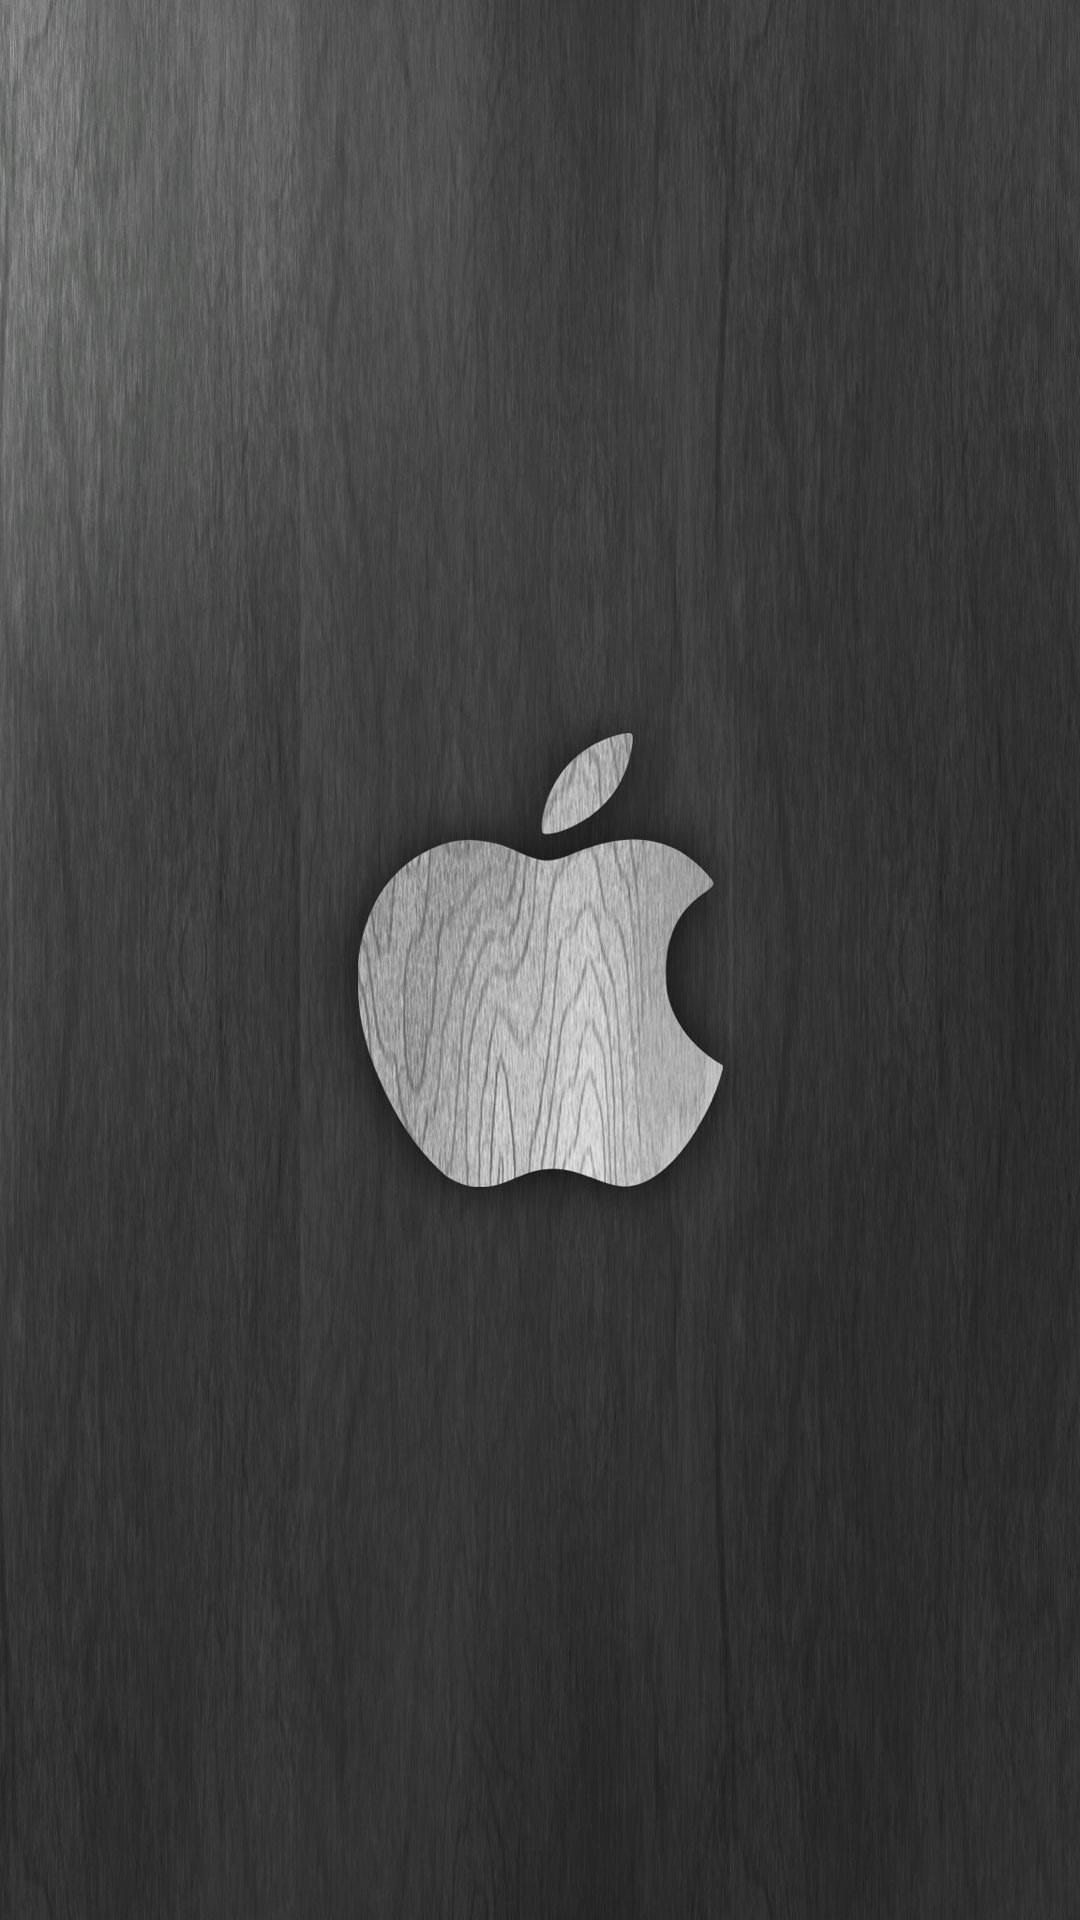 iPhone 8 Plus,7 Plus,6s Plus 壁紙 0828